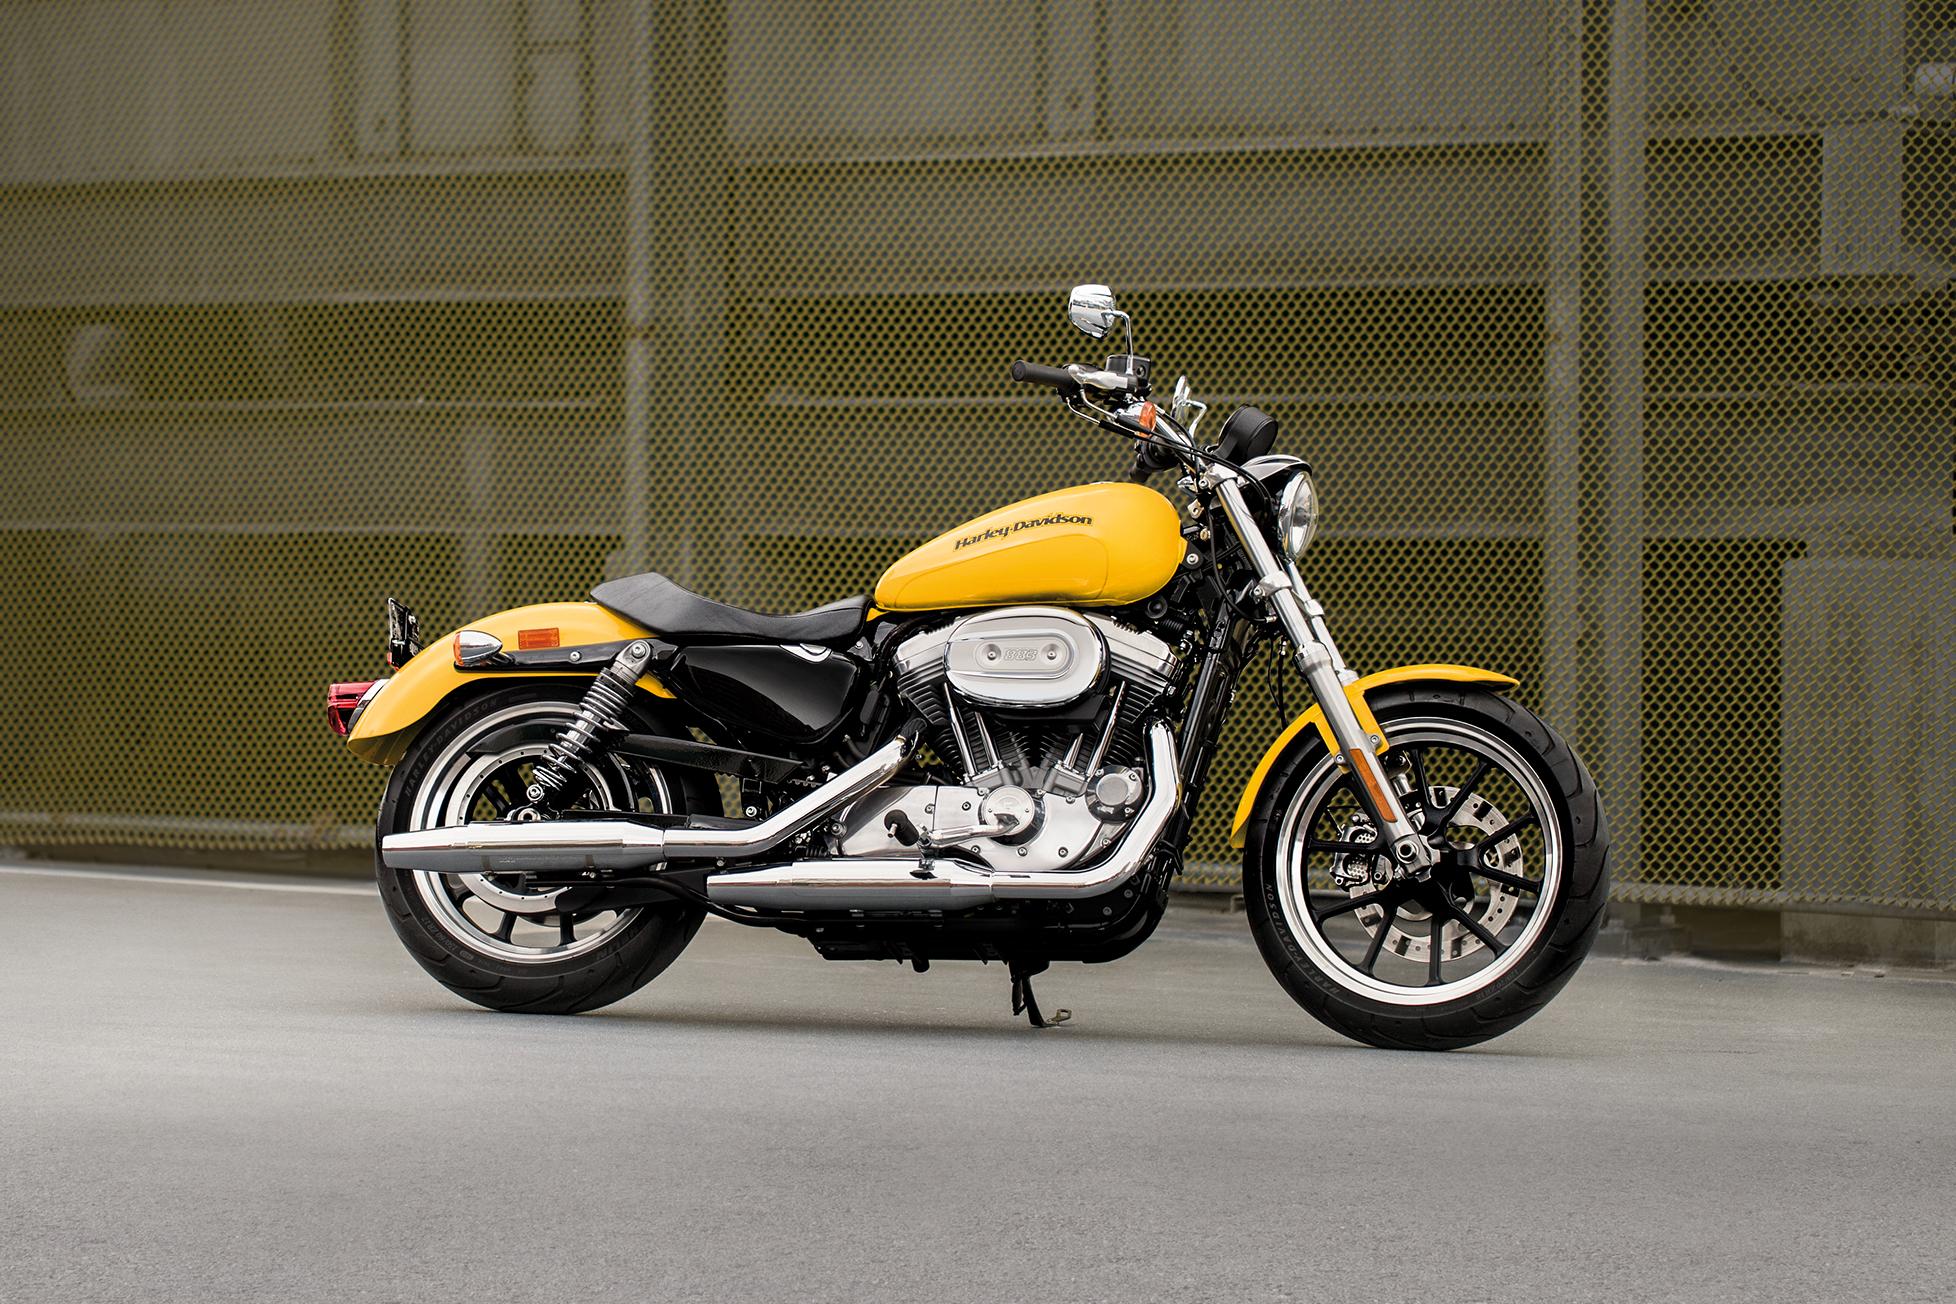 Harley Davidson Thailand Price List